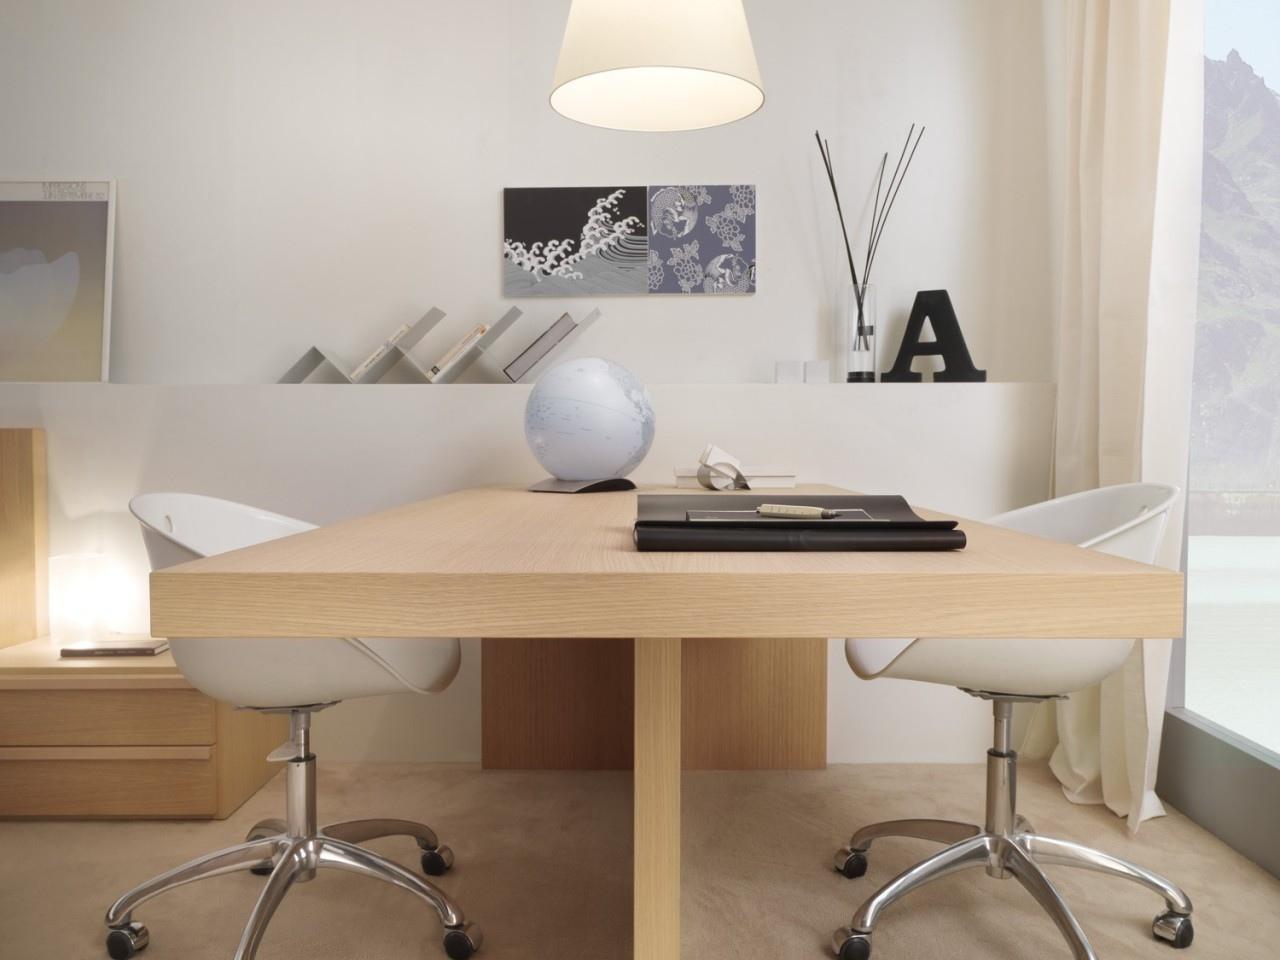 30 inspirational home office desks AHSYTLJ